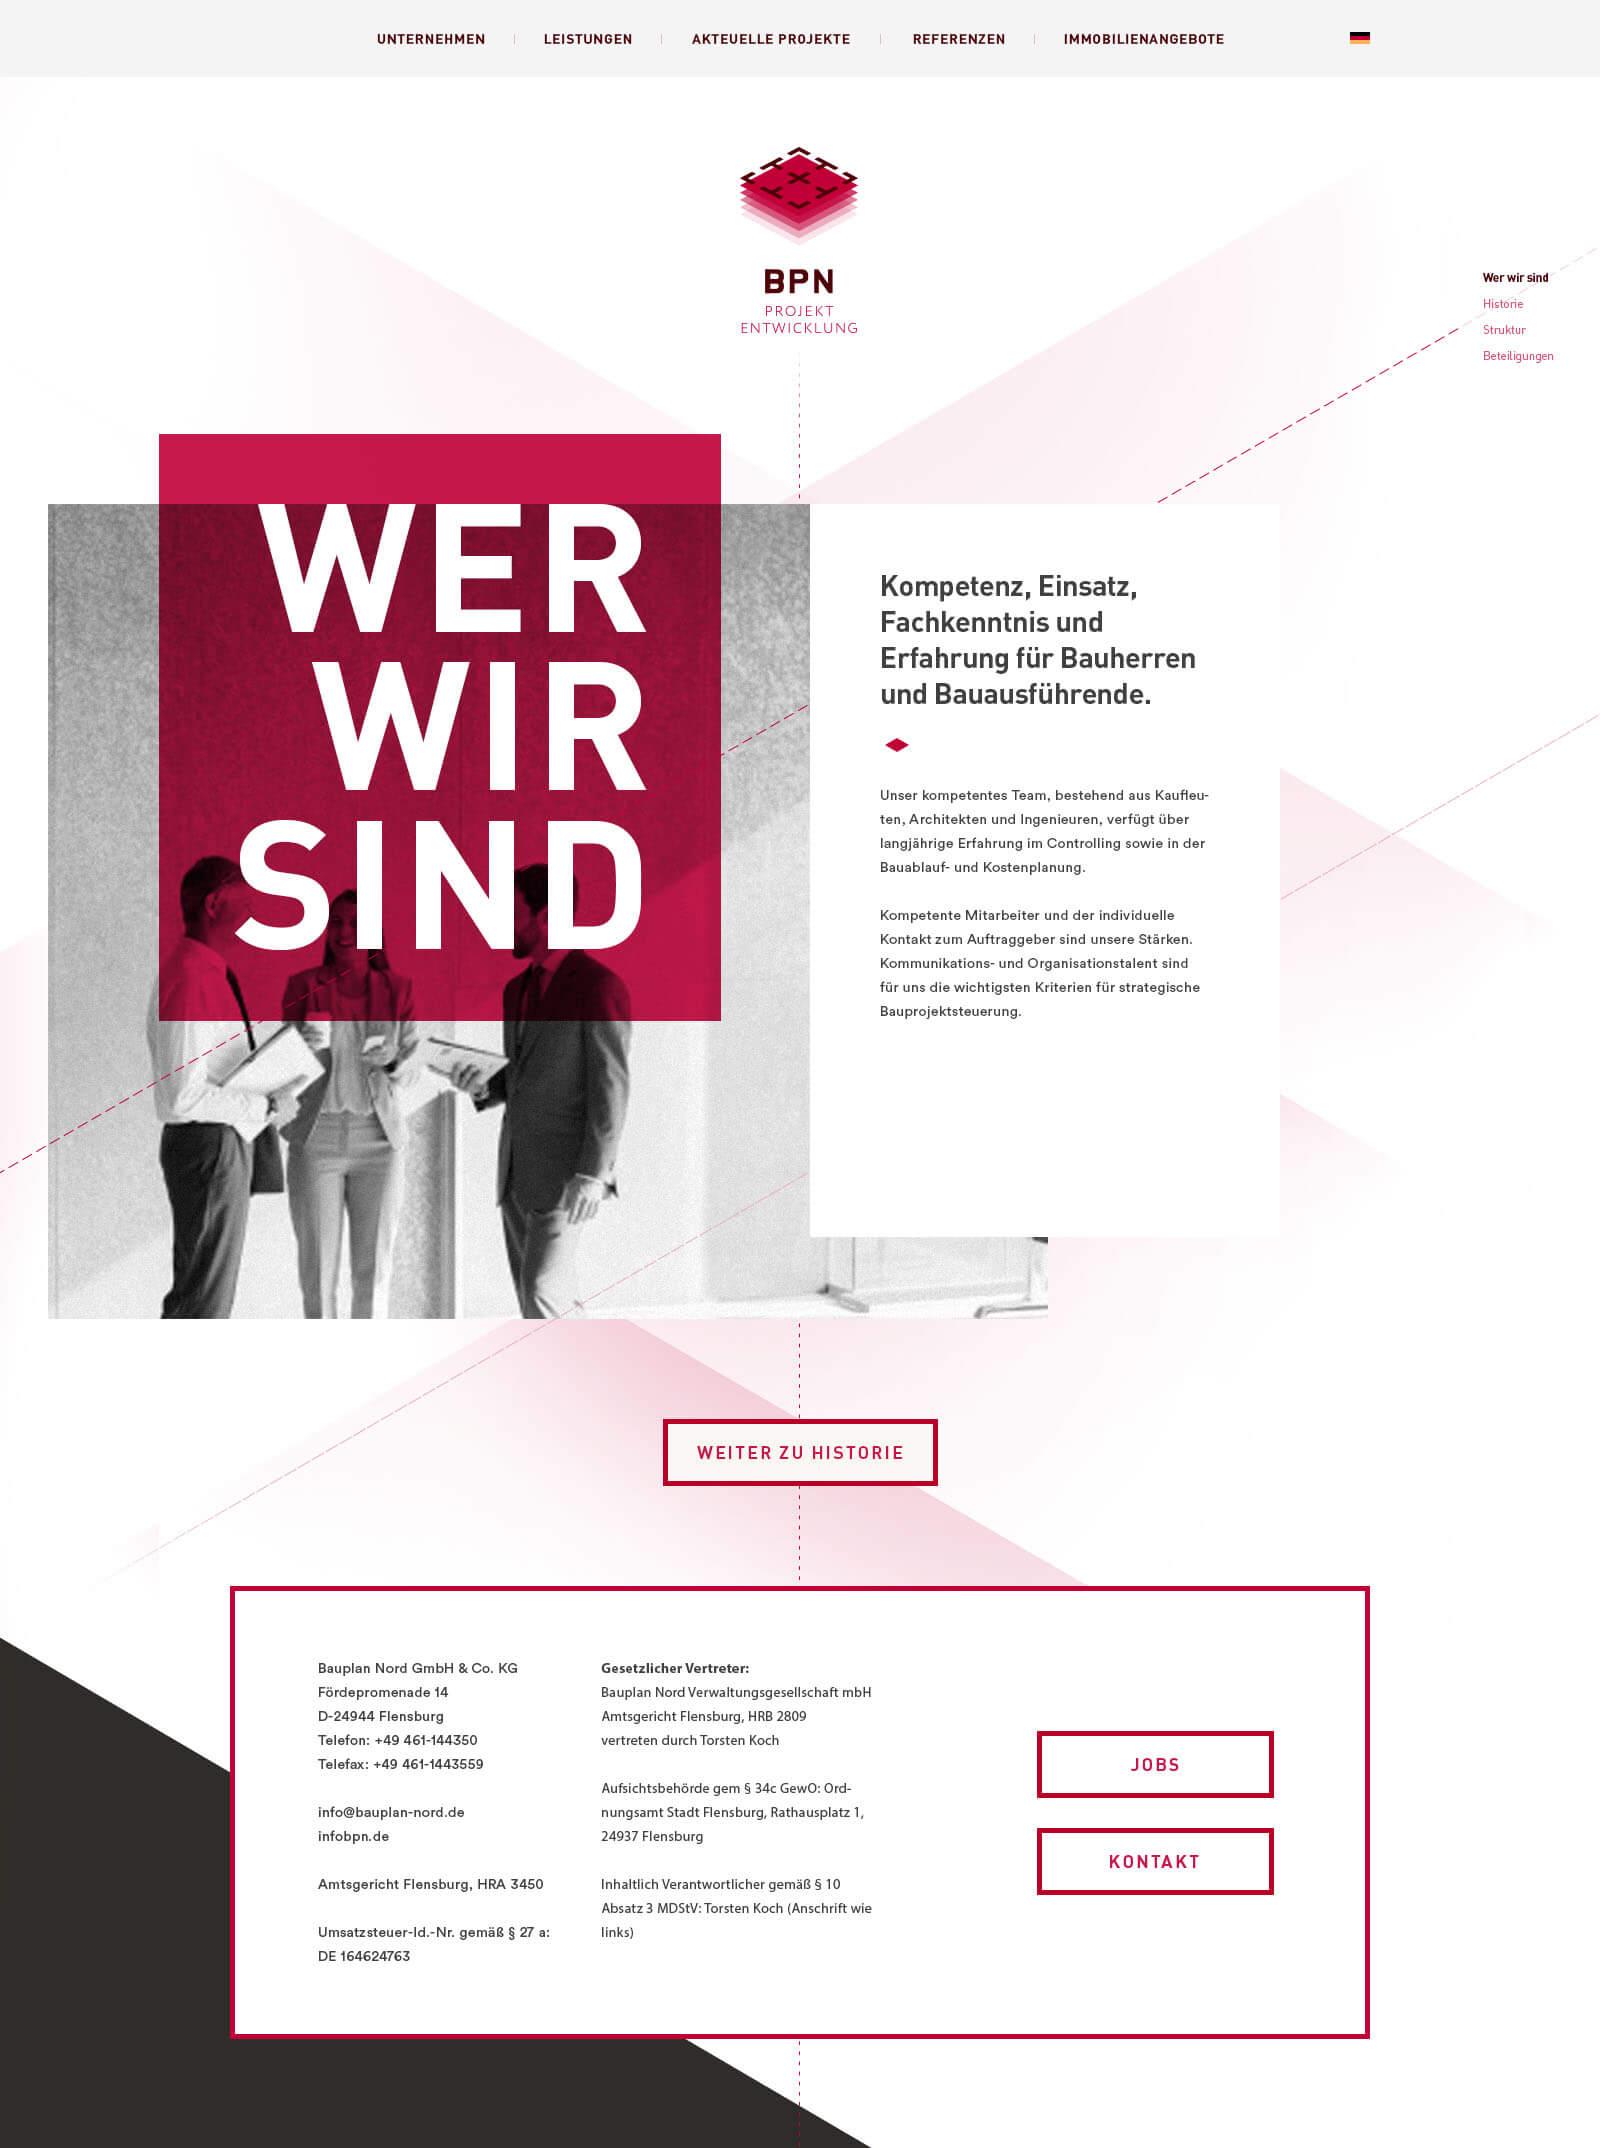 Webdesign für ein internationales Ingenieurbüro - Startseite